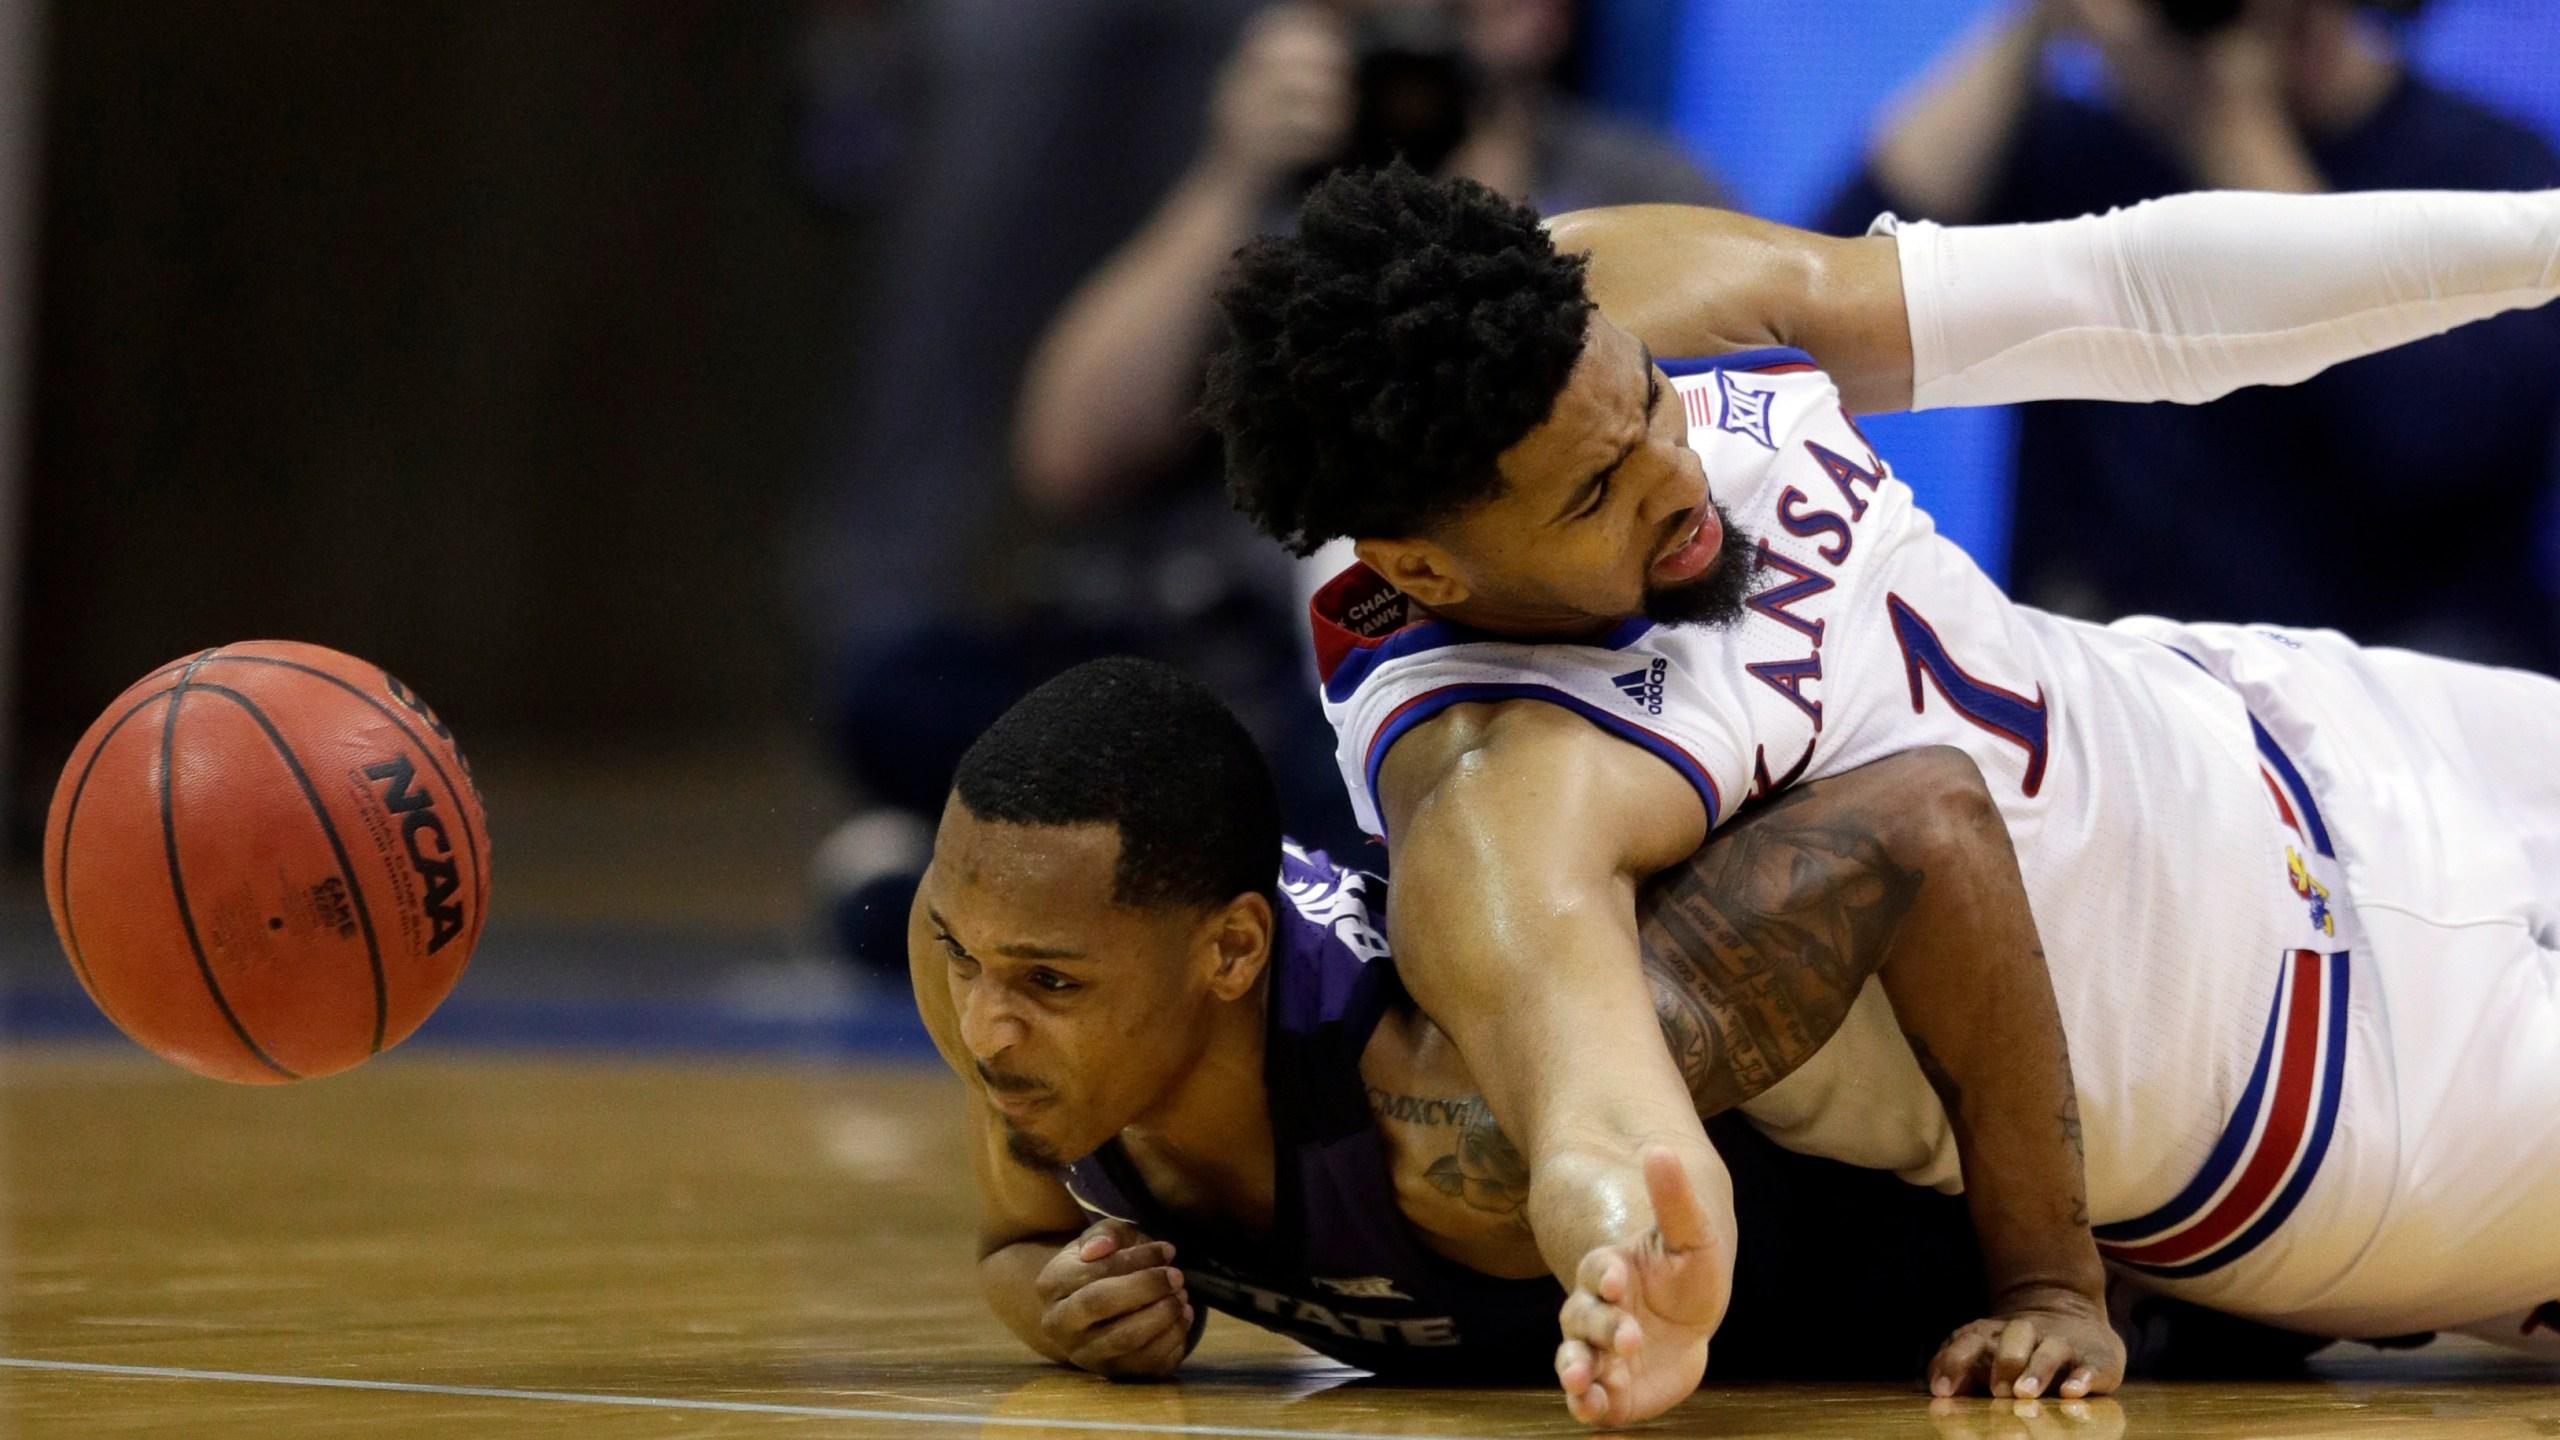 Kansas_St_Kansas_Basketball_32084-159532.jpg86770113